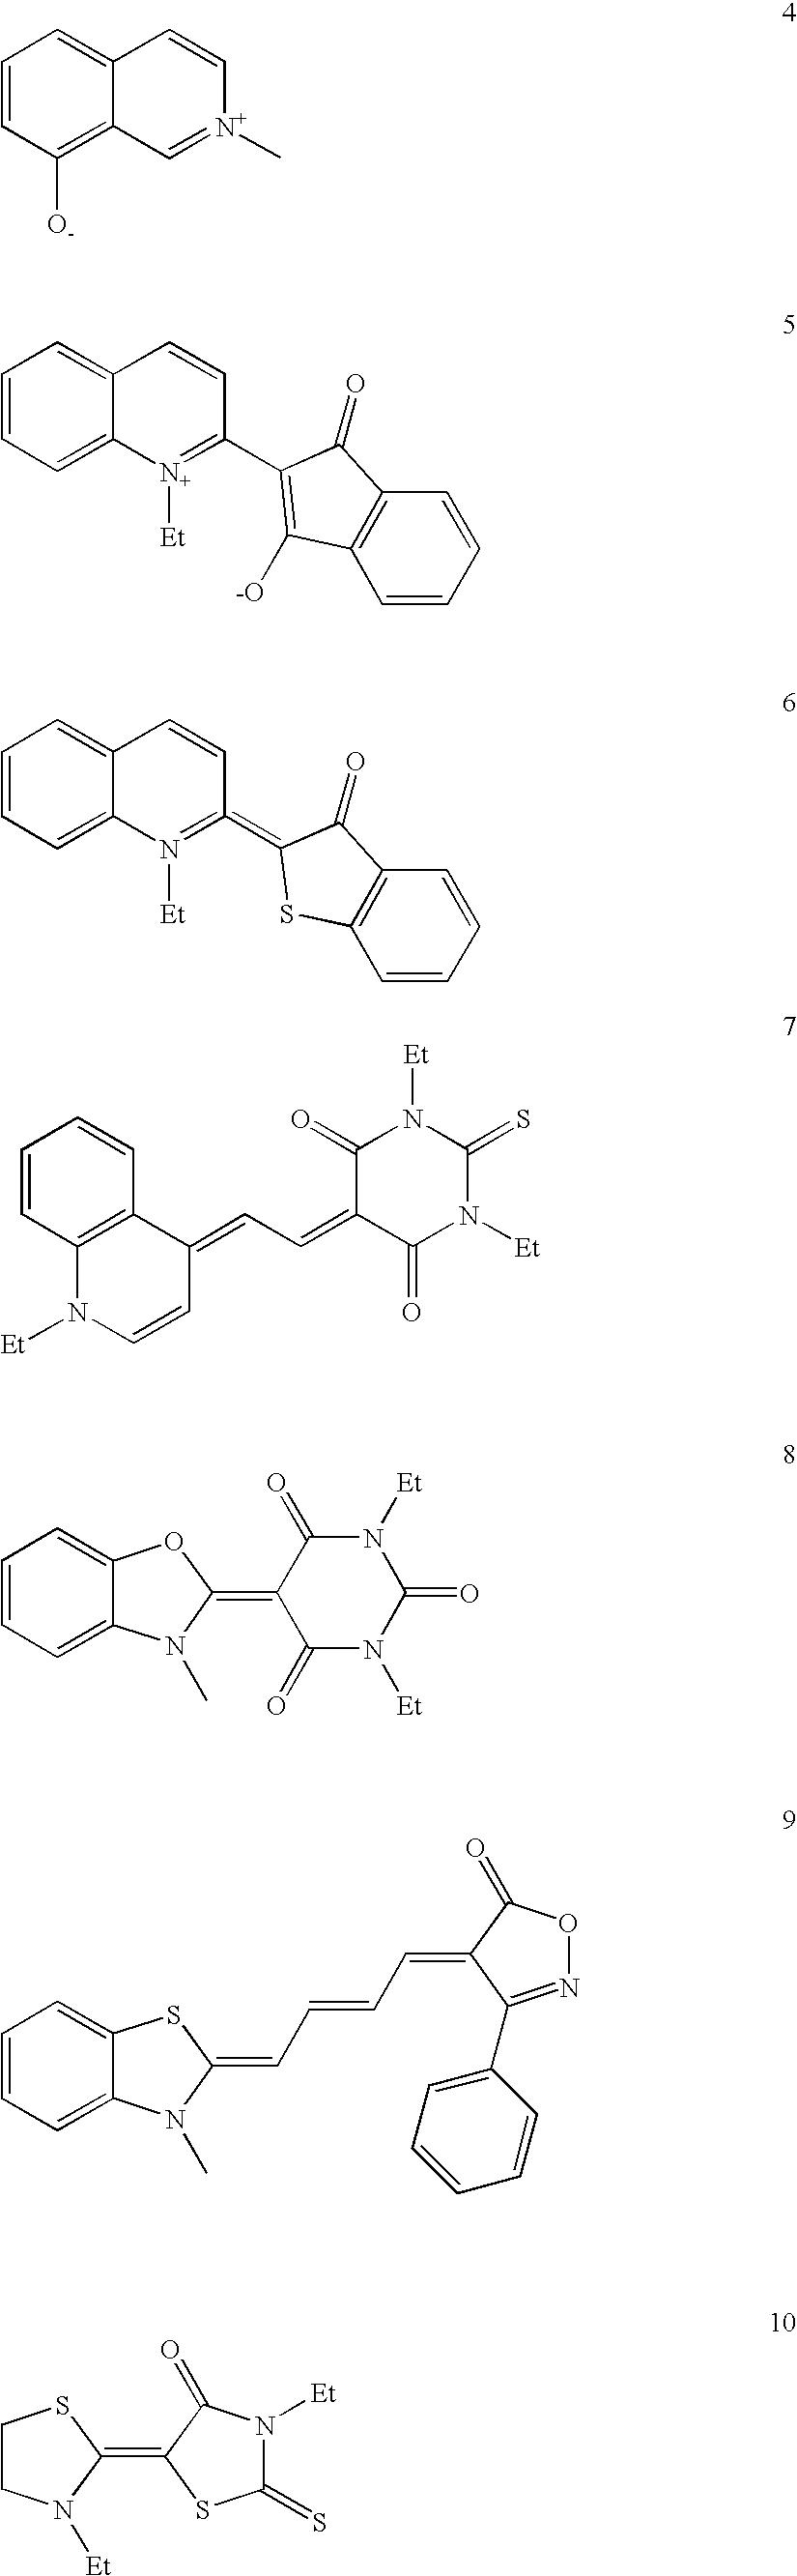 Figure US20060134728A1-20060622-C00005